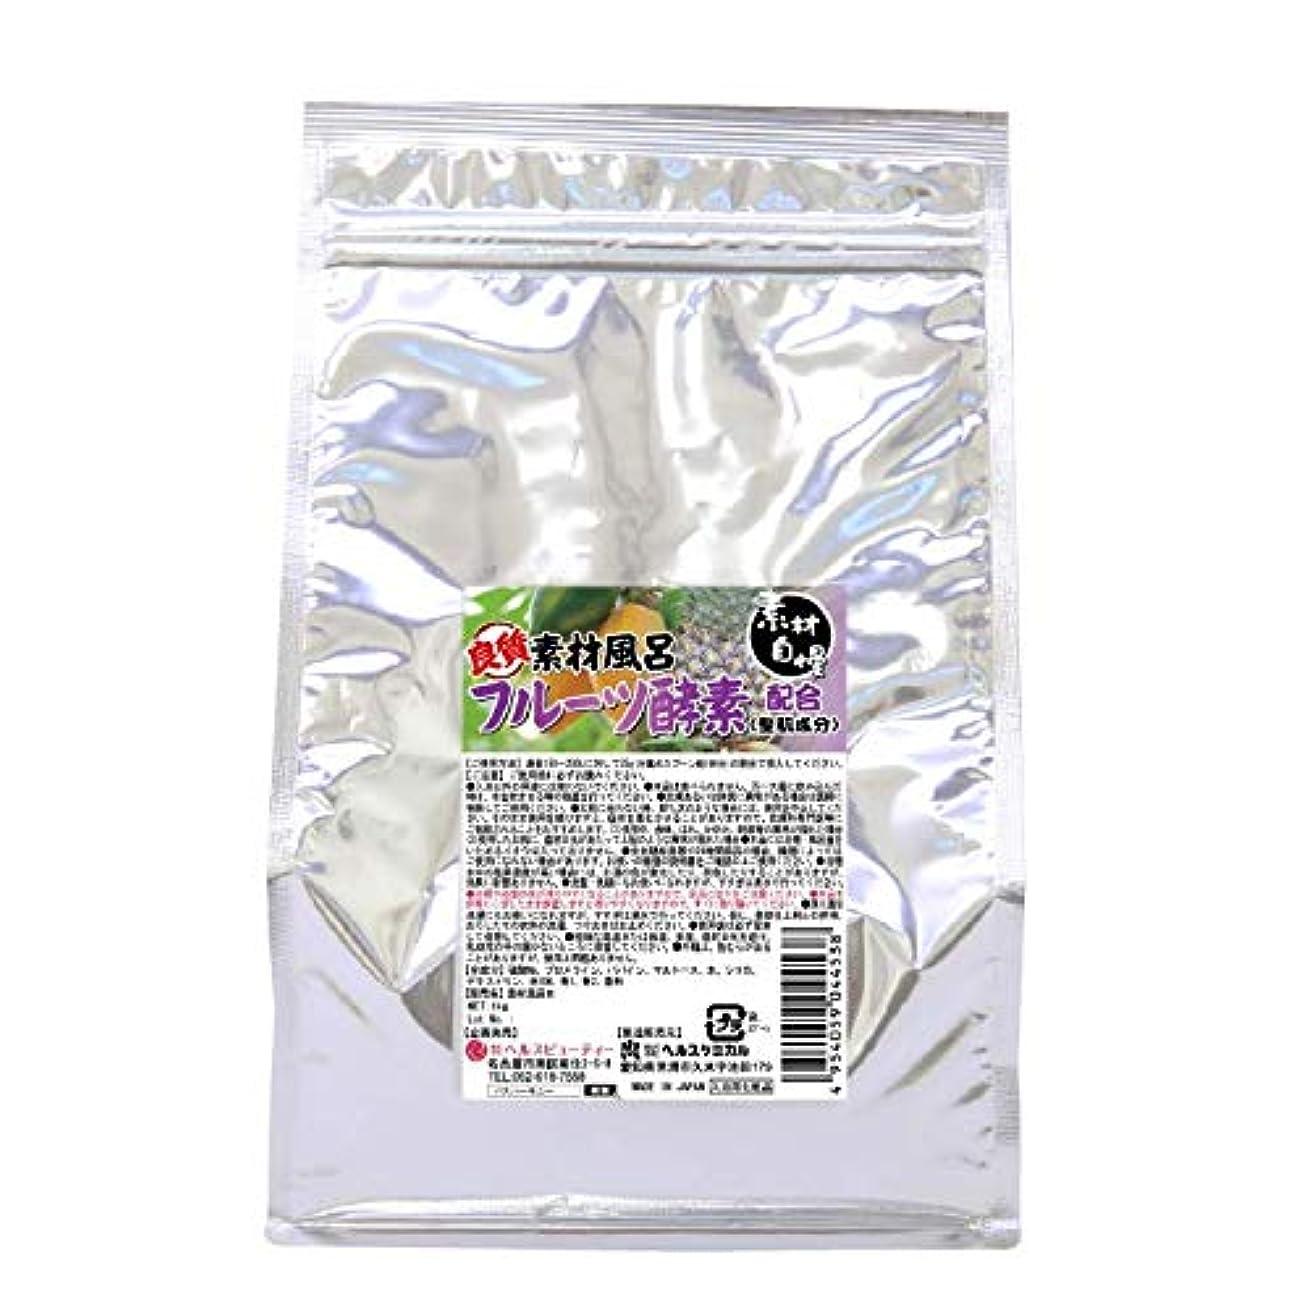 北方鮮やかな染色入浴剤 湯匠仕込 フルーツ酵素配合 1kg 50回分 お徳用